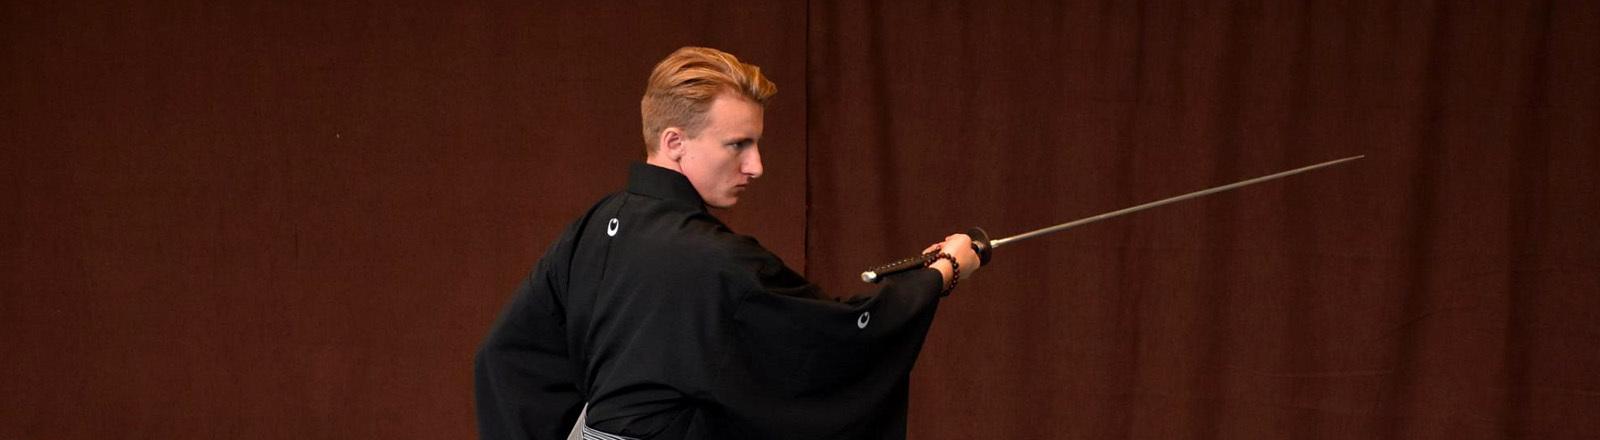 Samurai Ōtsuka Ryūnosuke Taira no Masatomo